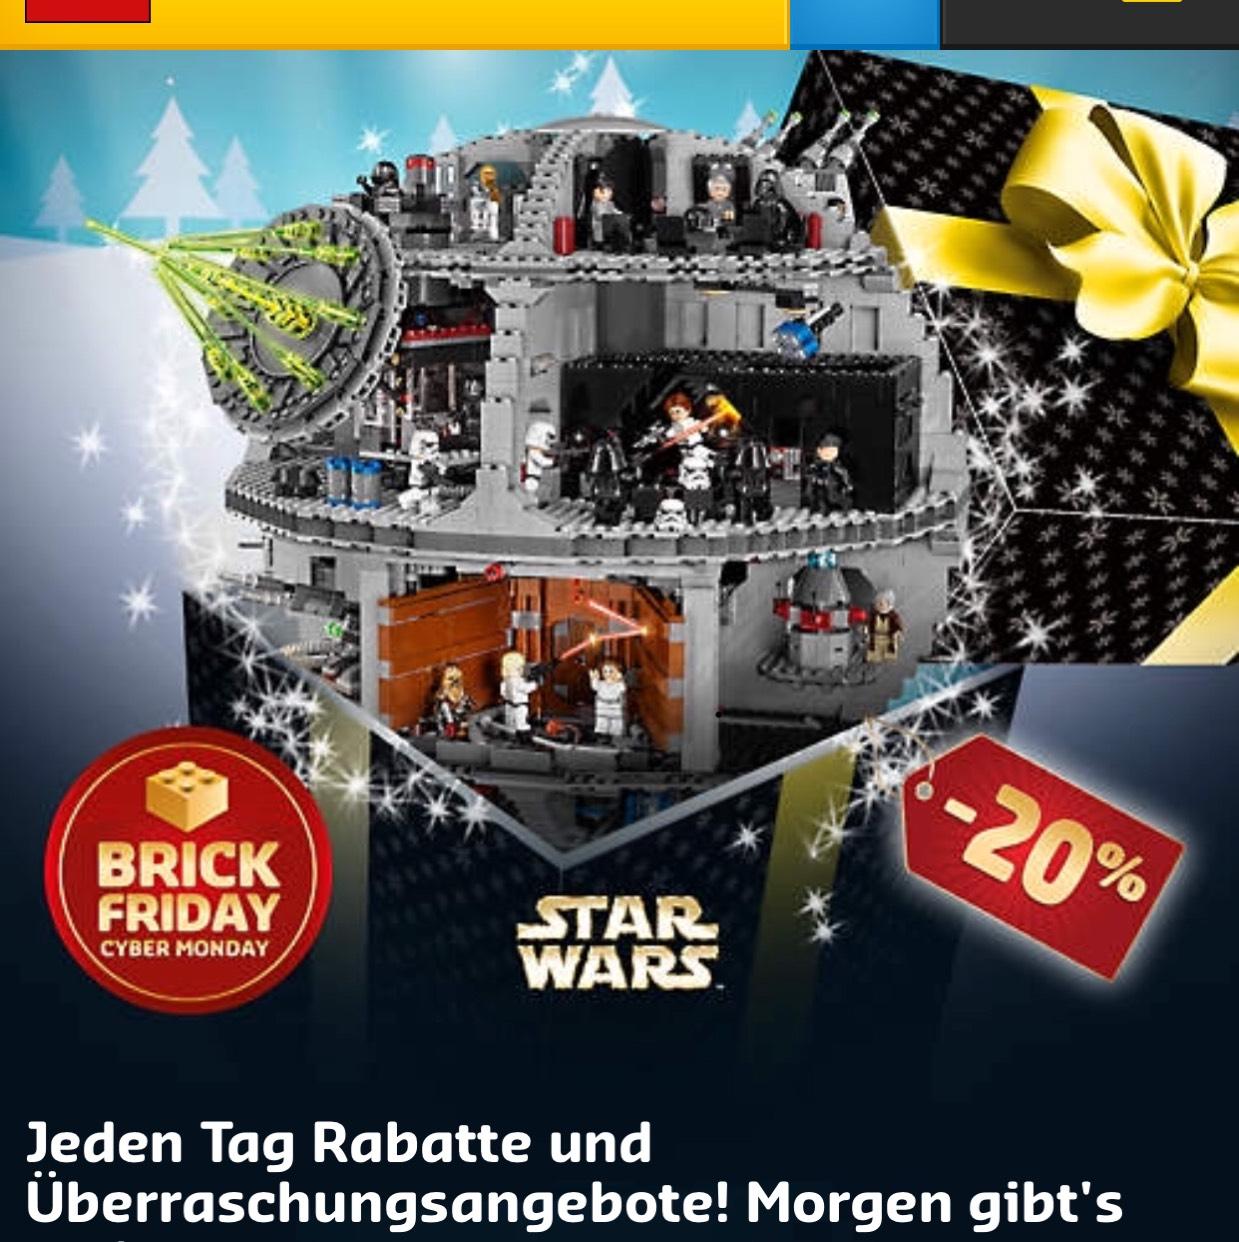 Lego Star Wars Death Star 75159 bei Lego direkt für 399€ + Nussknacker